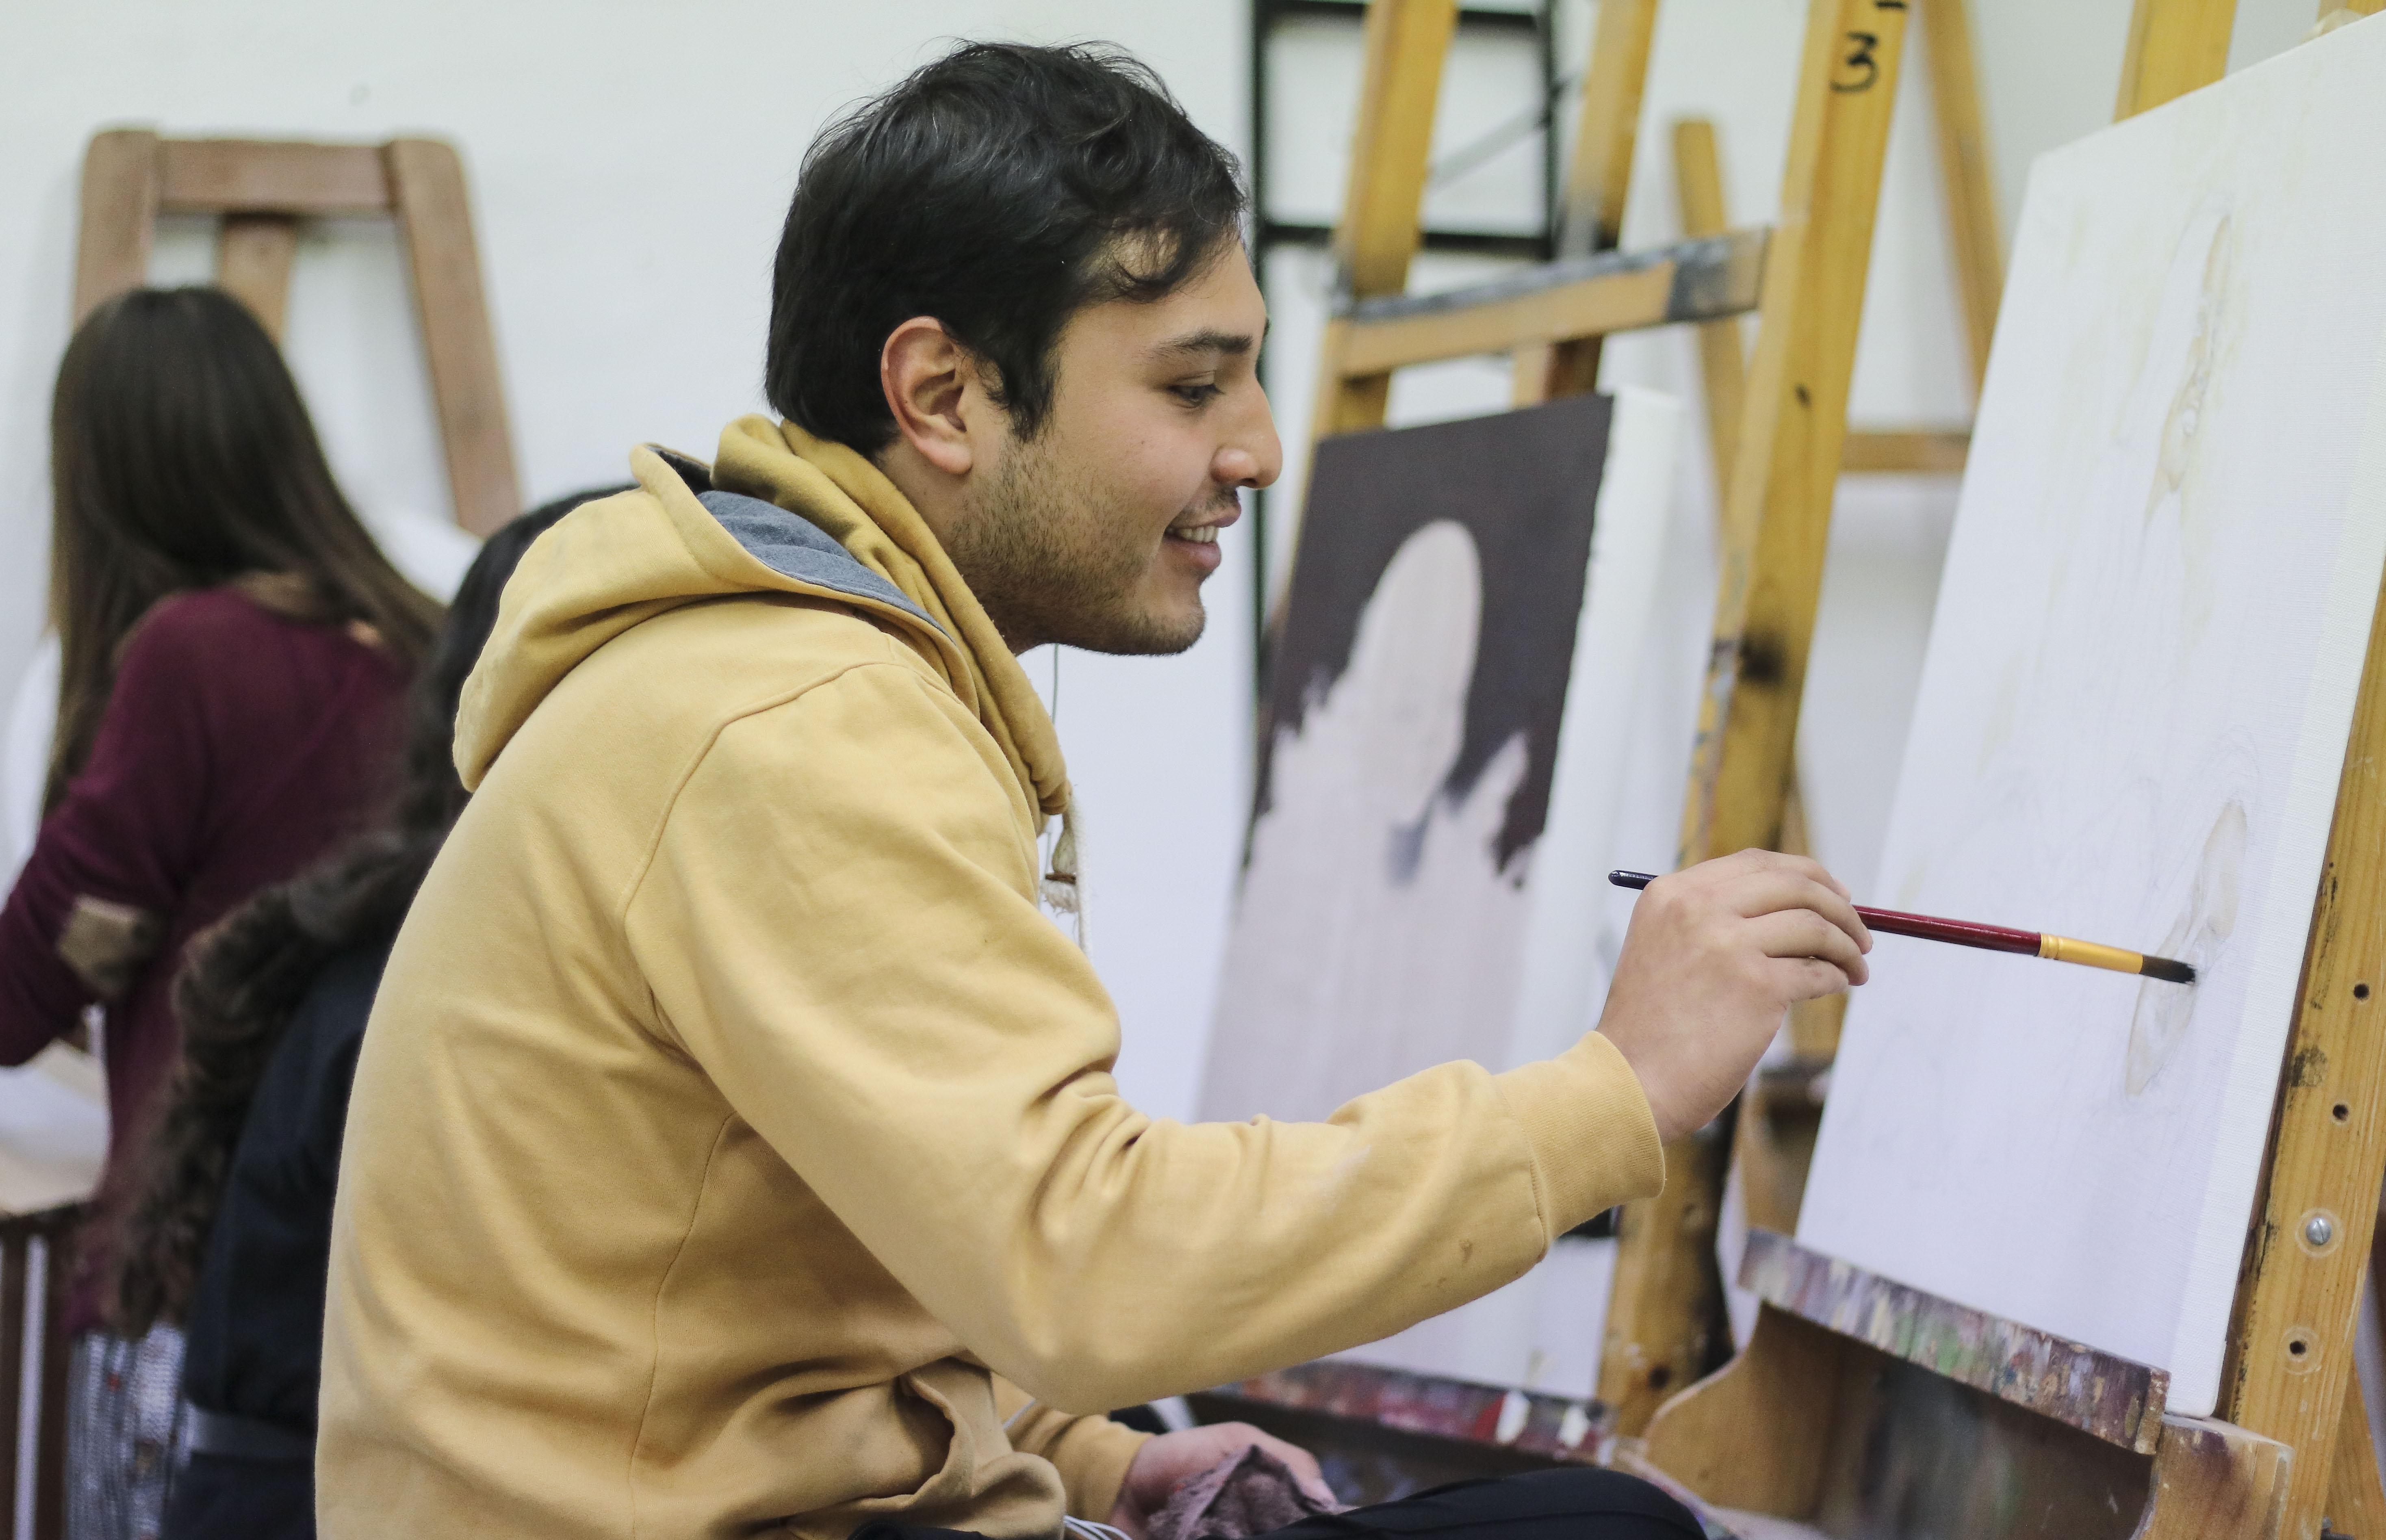 Secretaría de Cultura alista programa de Estímulo a la Creación y Desarrollo Artístico